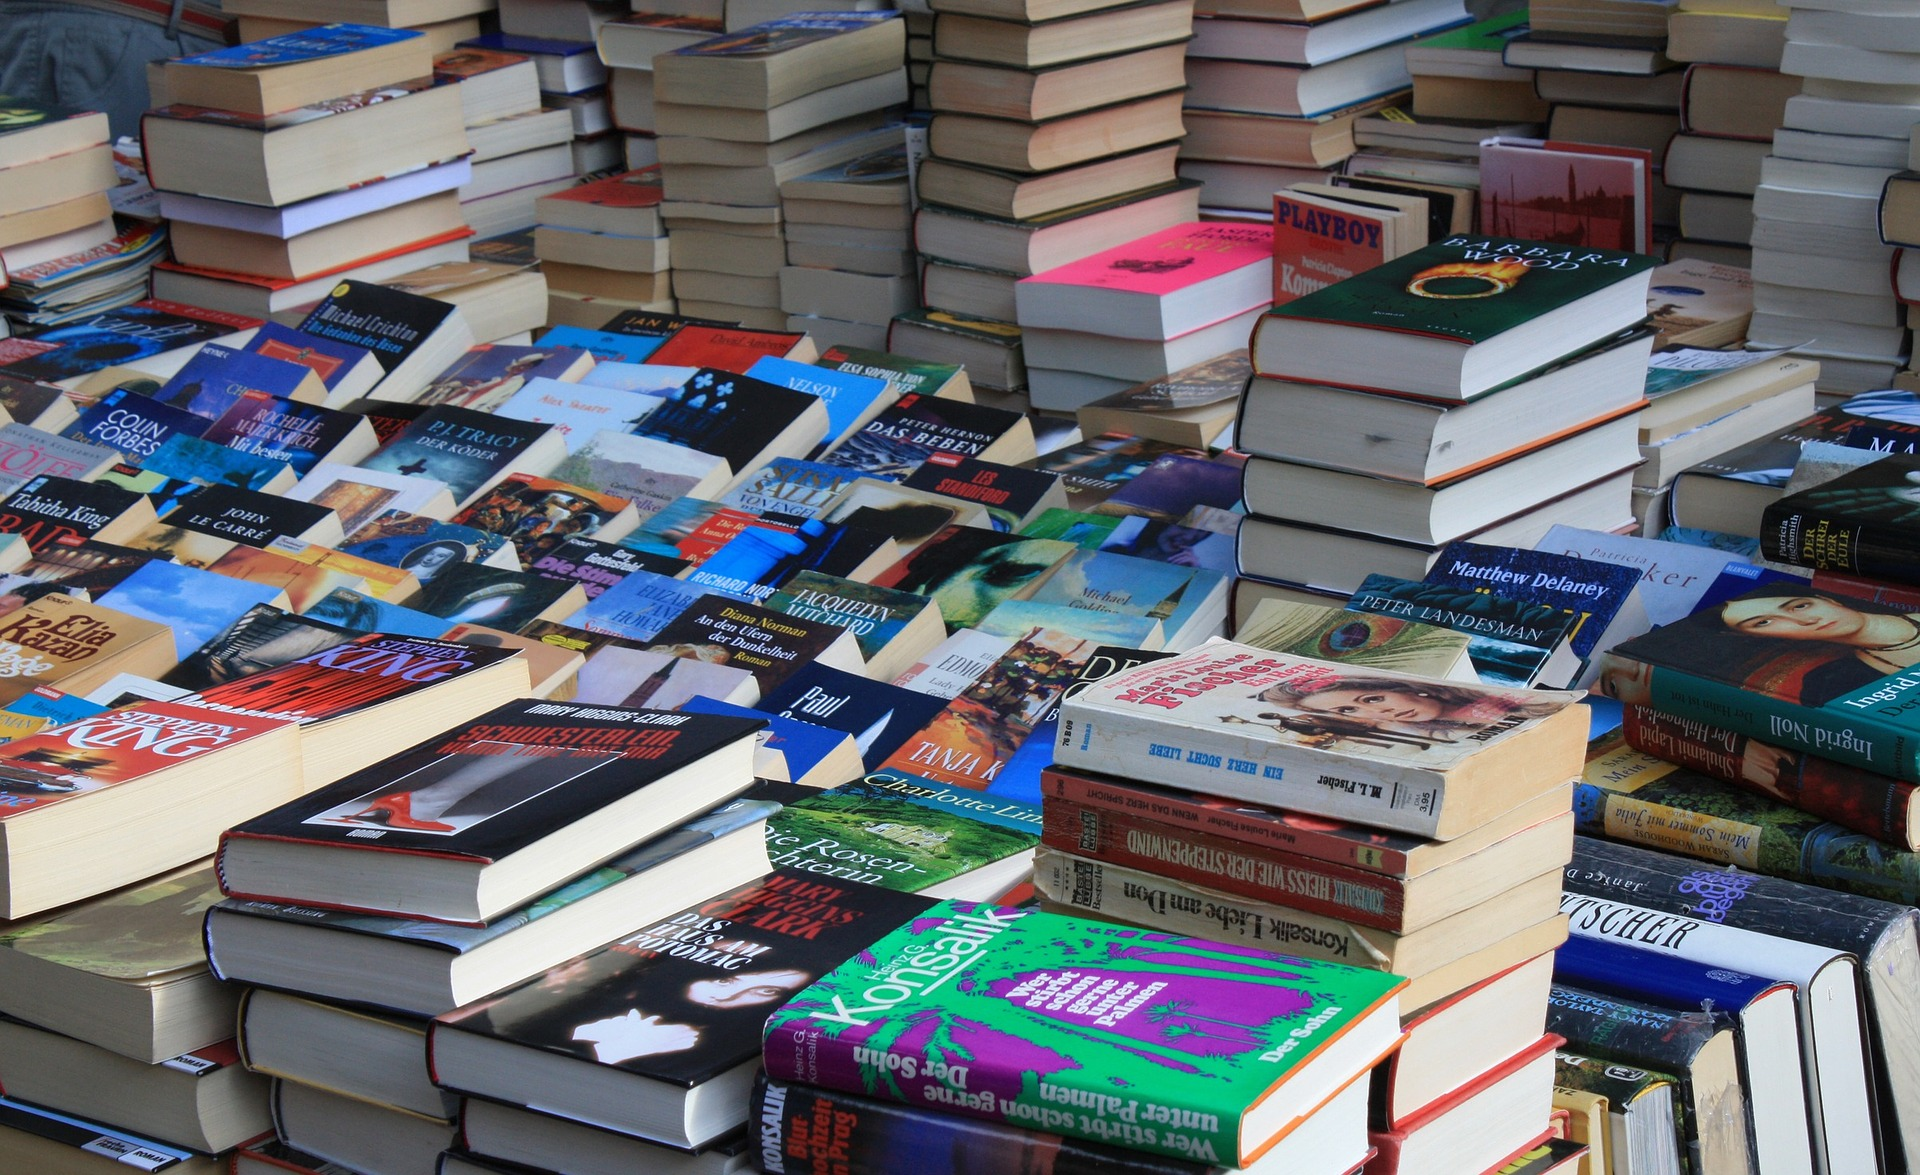 Paljon kirjoja pinoissa pöydällä.